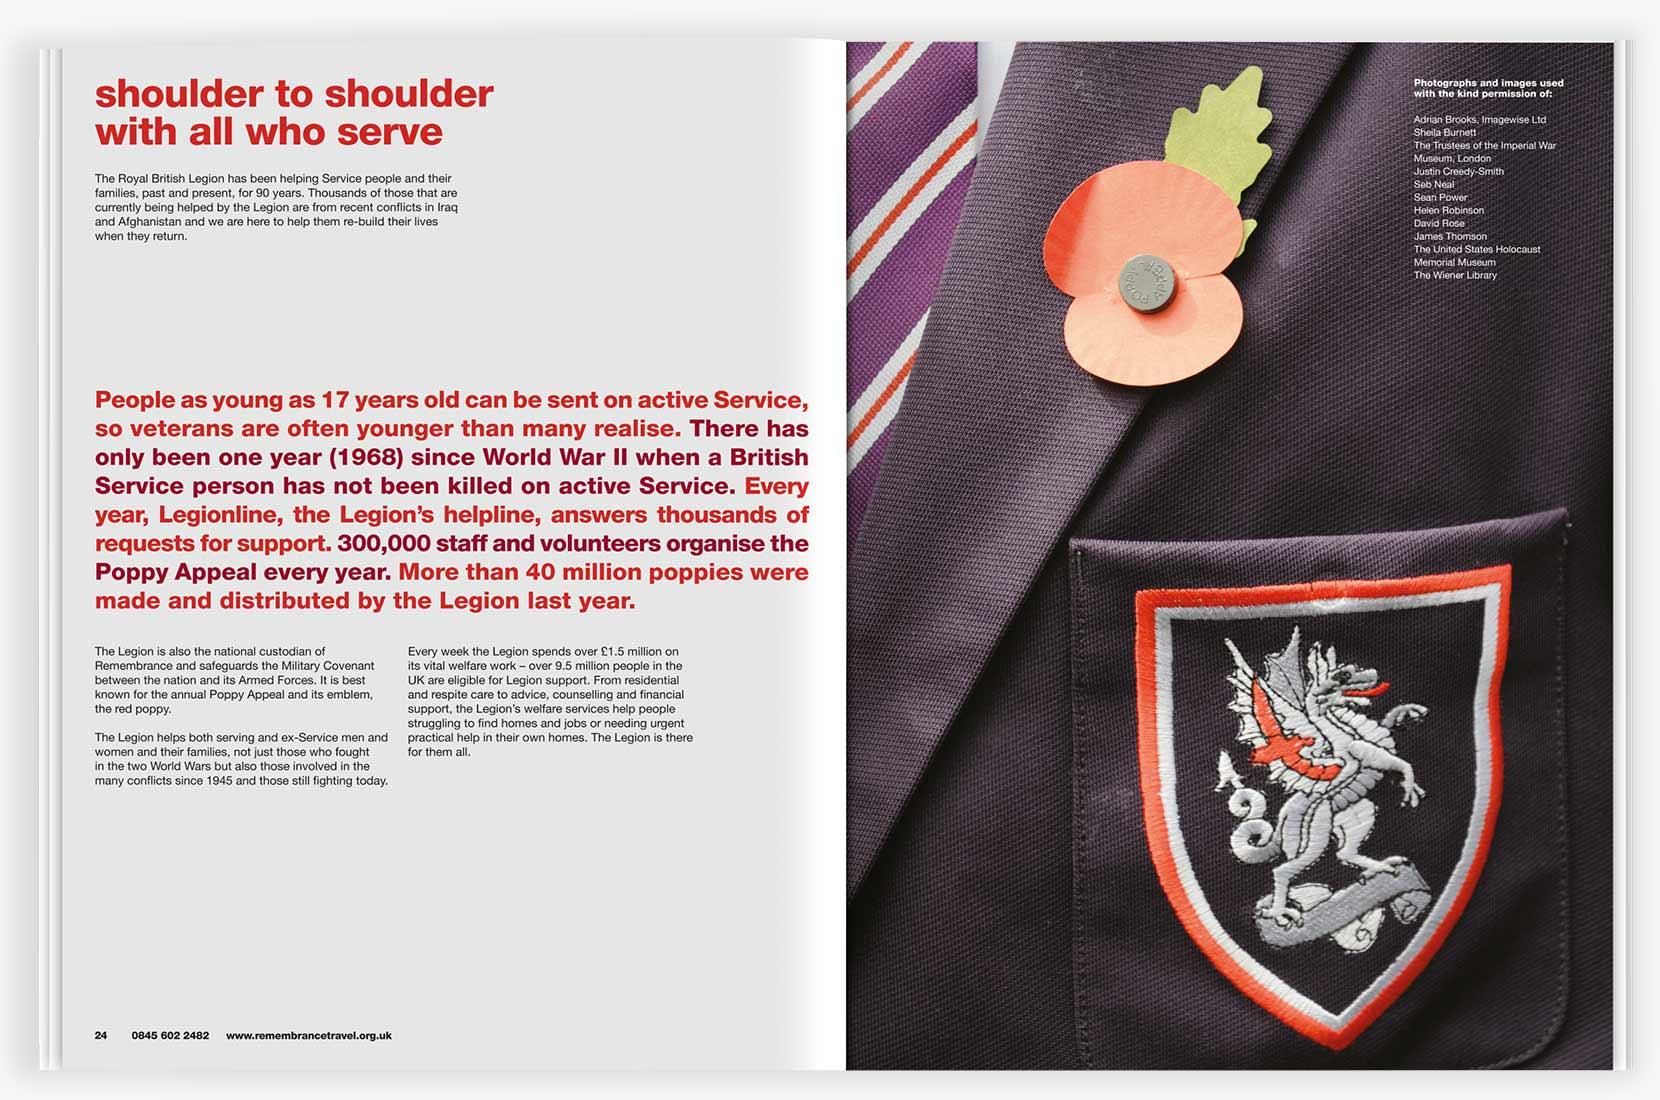 Royal British Legion – Poppy learning resource spread